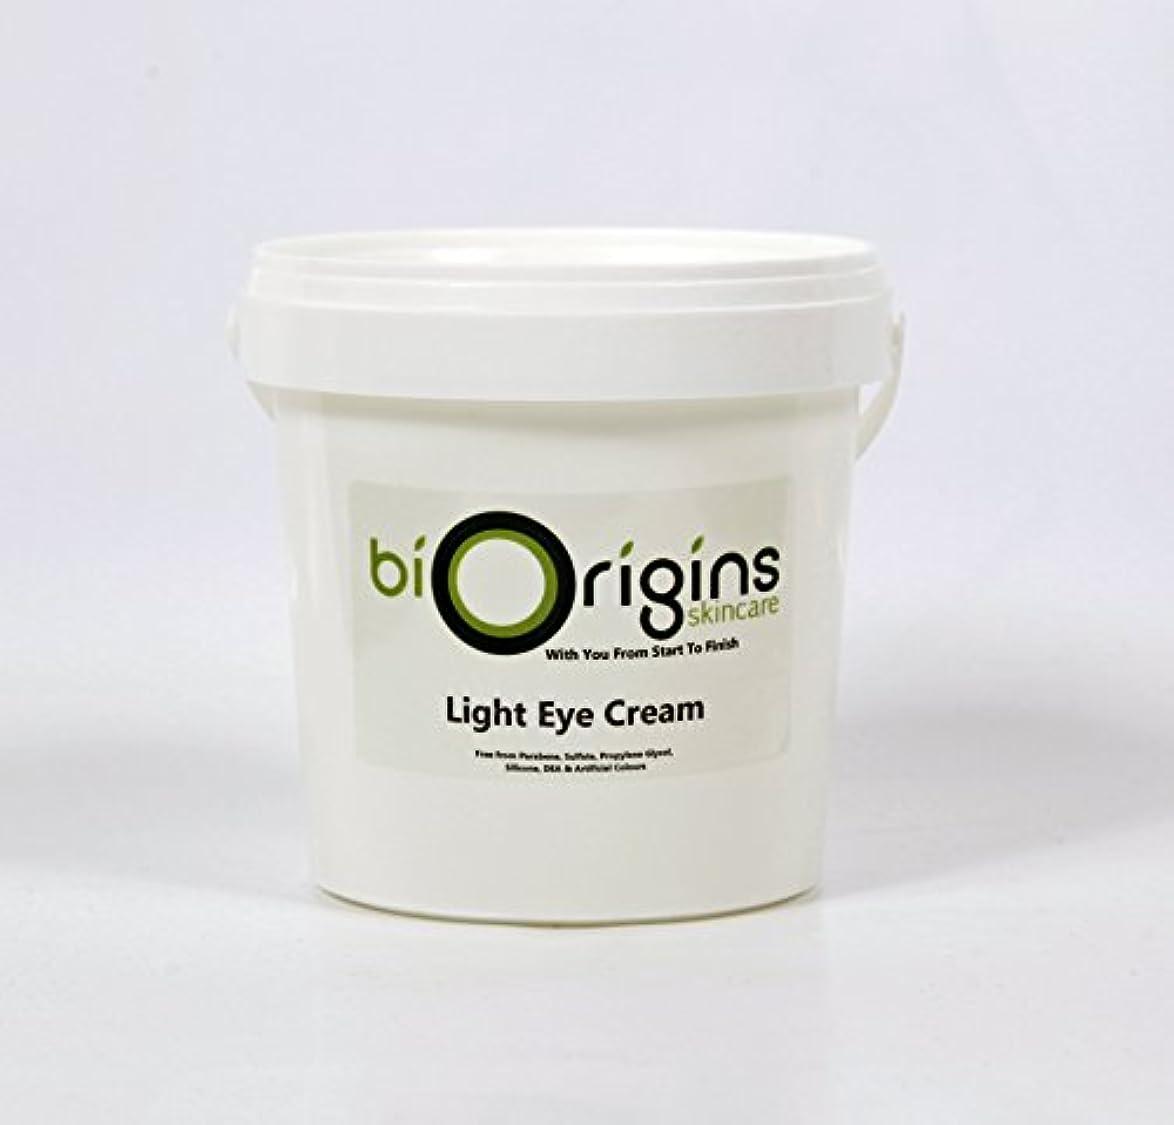 桃服を洗う原理Light Eye Cream - Botanical Skincare Base - 1Kg